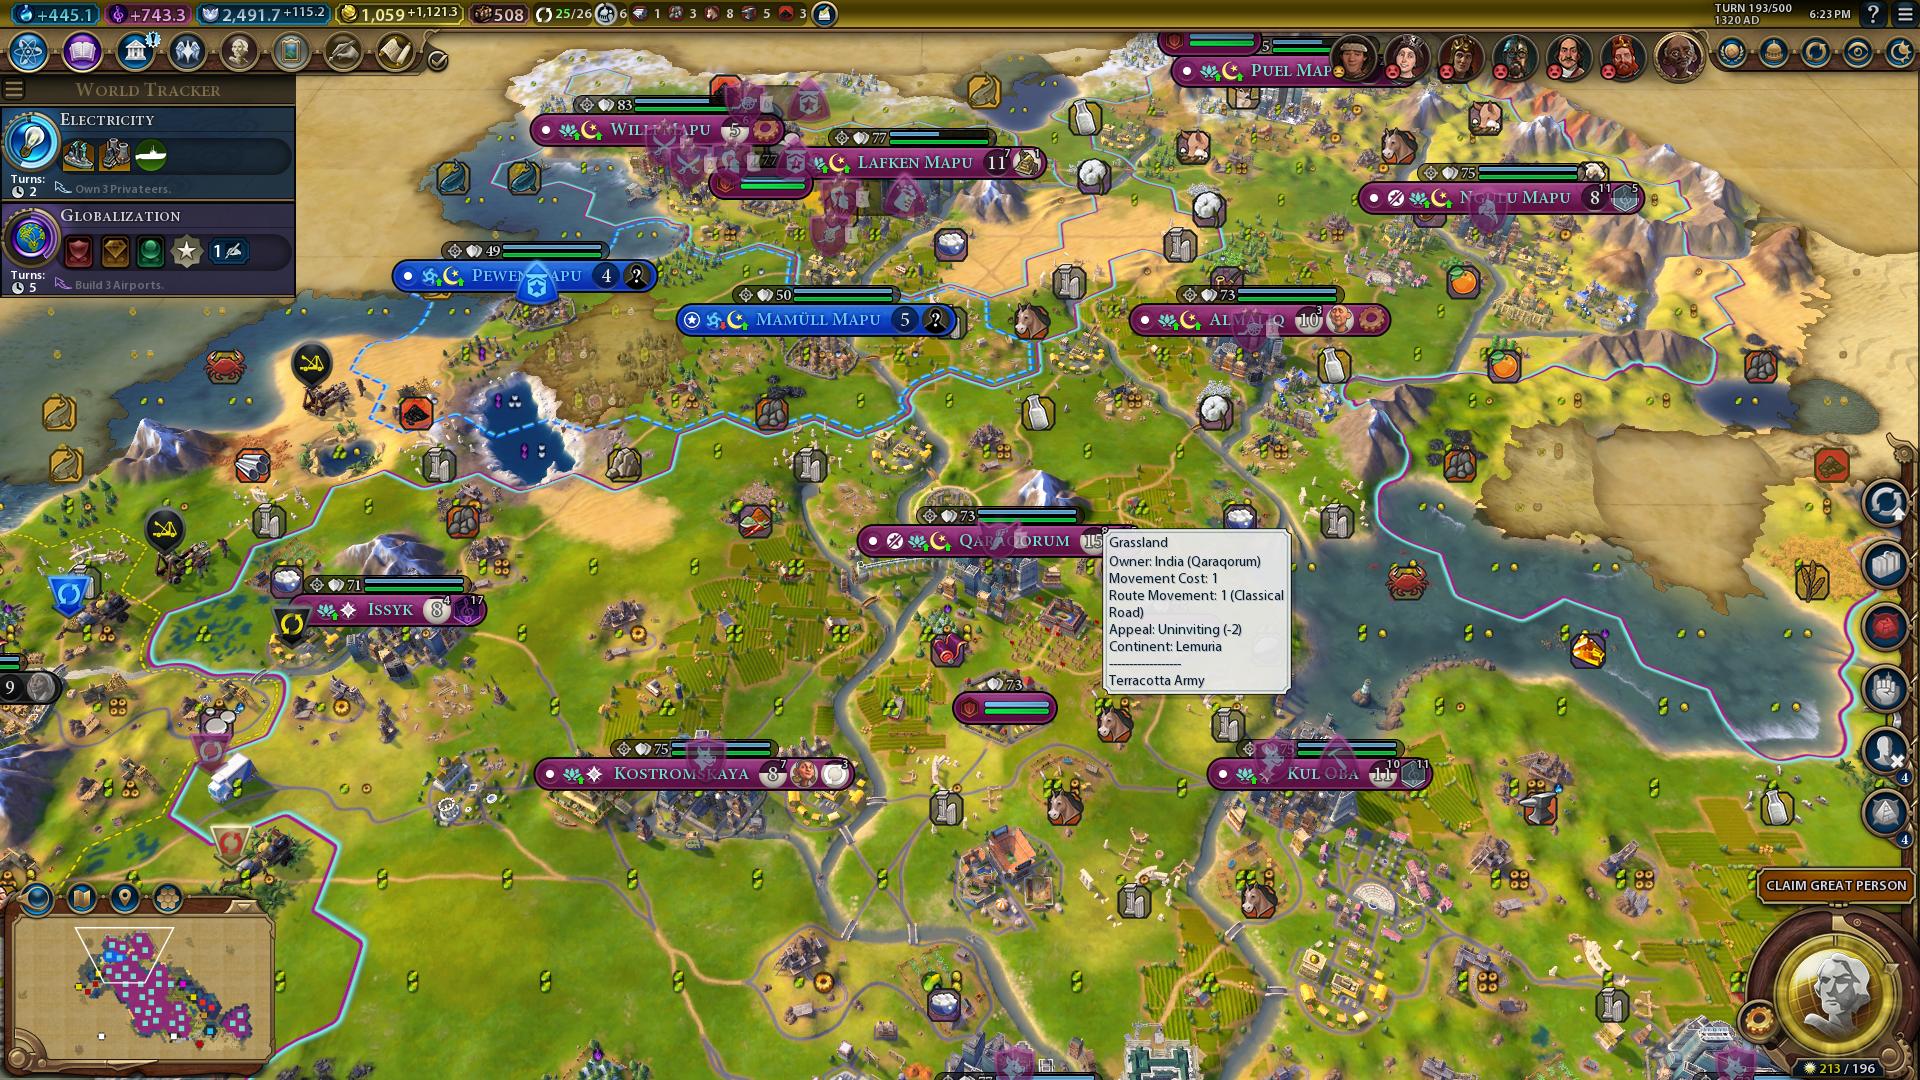 Sid Meier's Civilization VI (DX11) 10_3_2018 6_23_53 PM.png